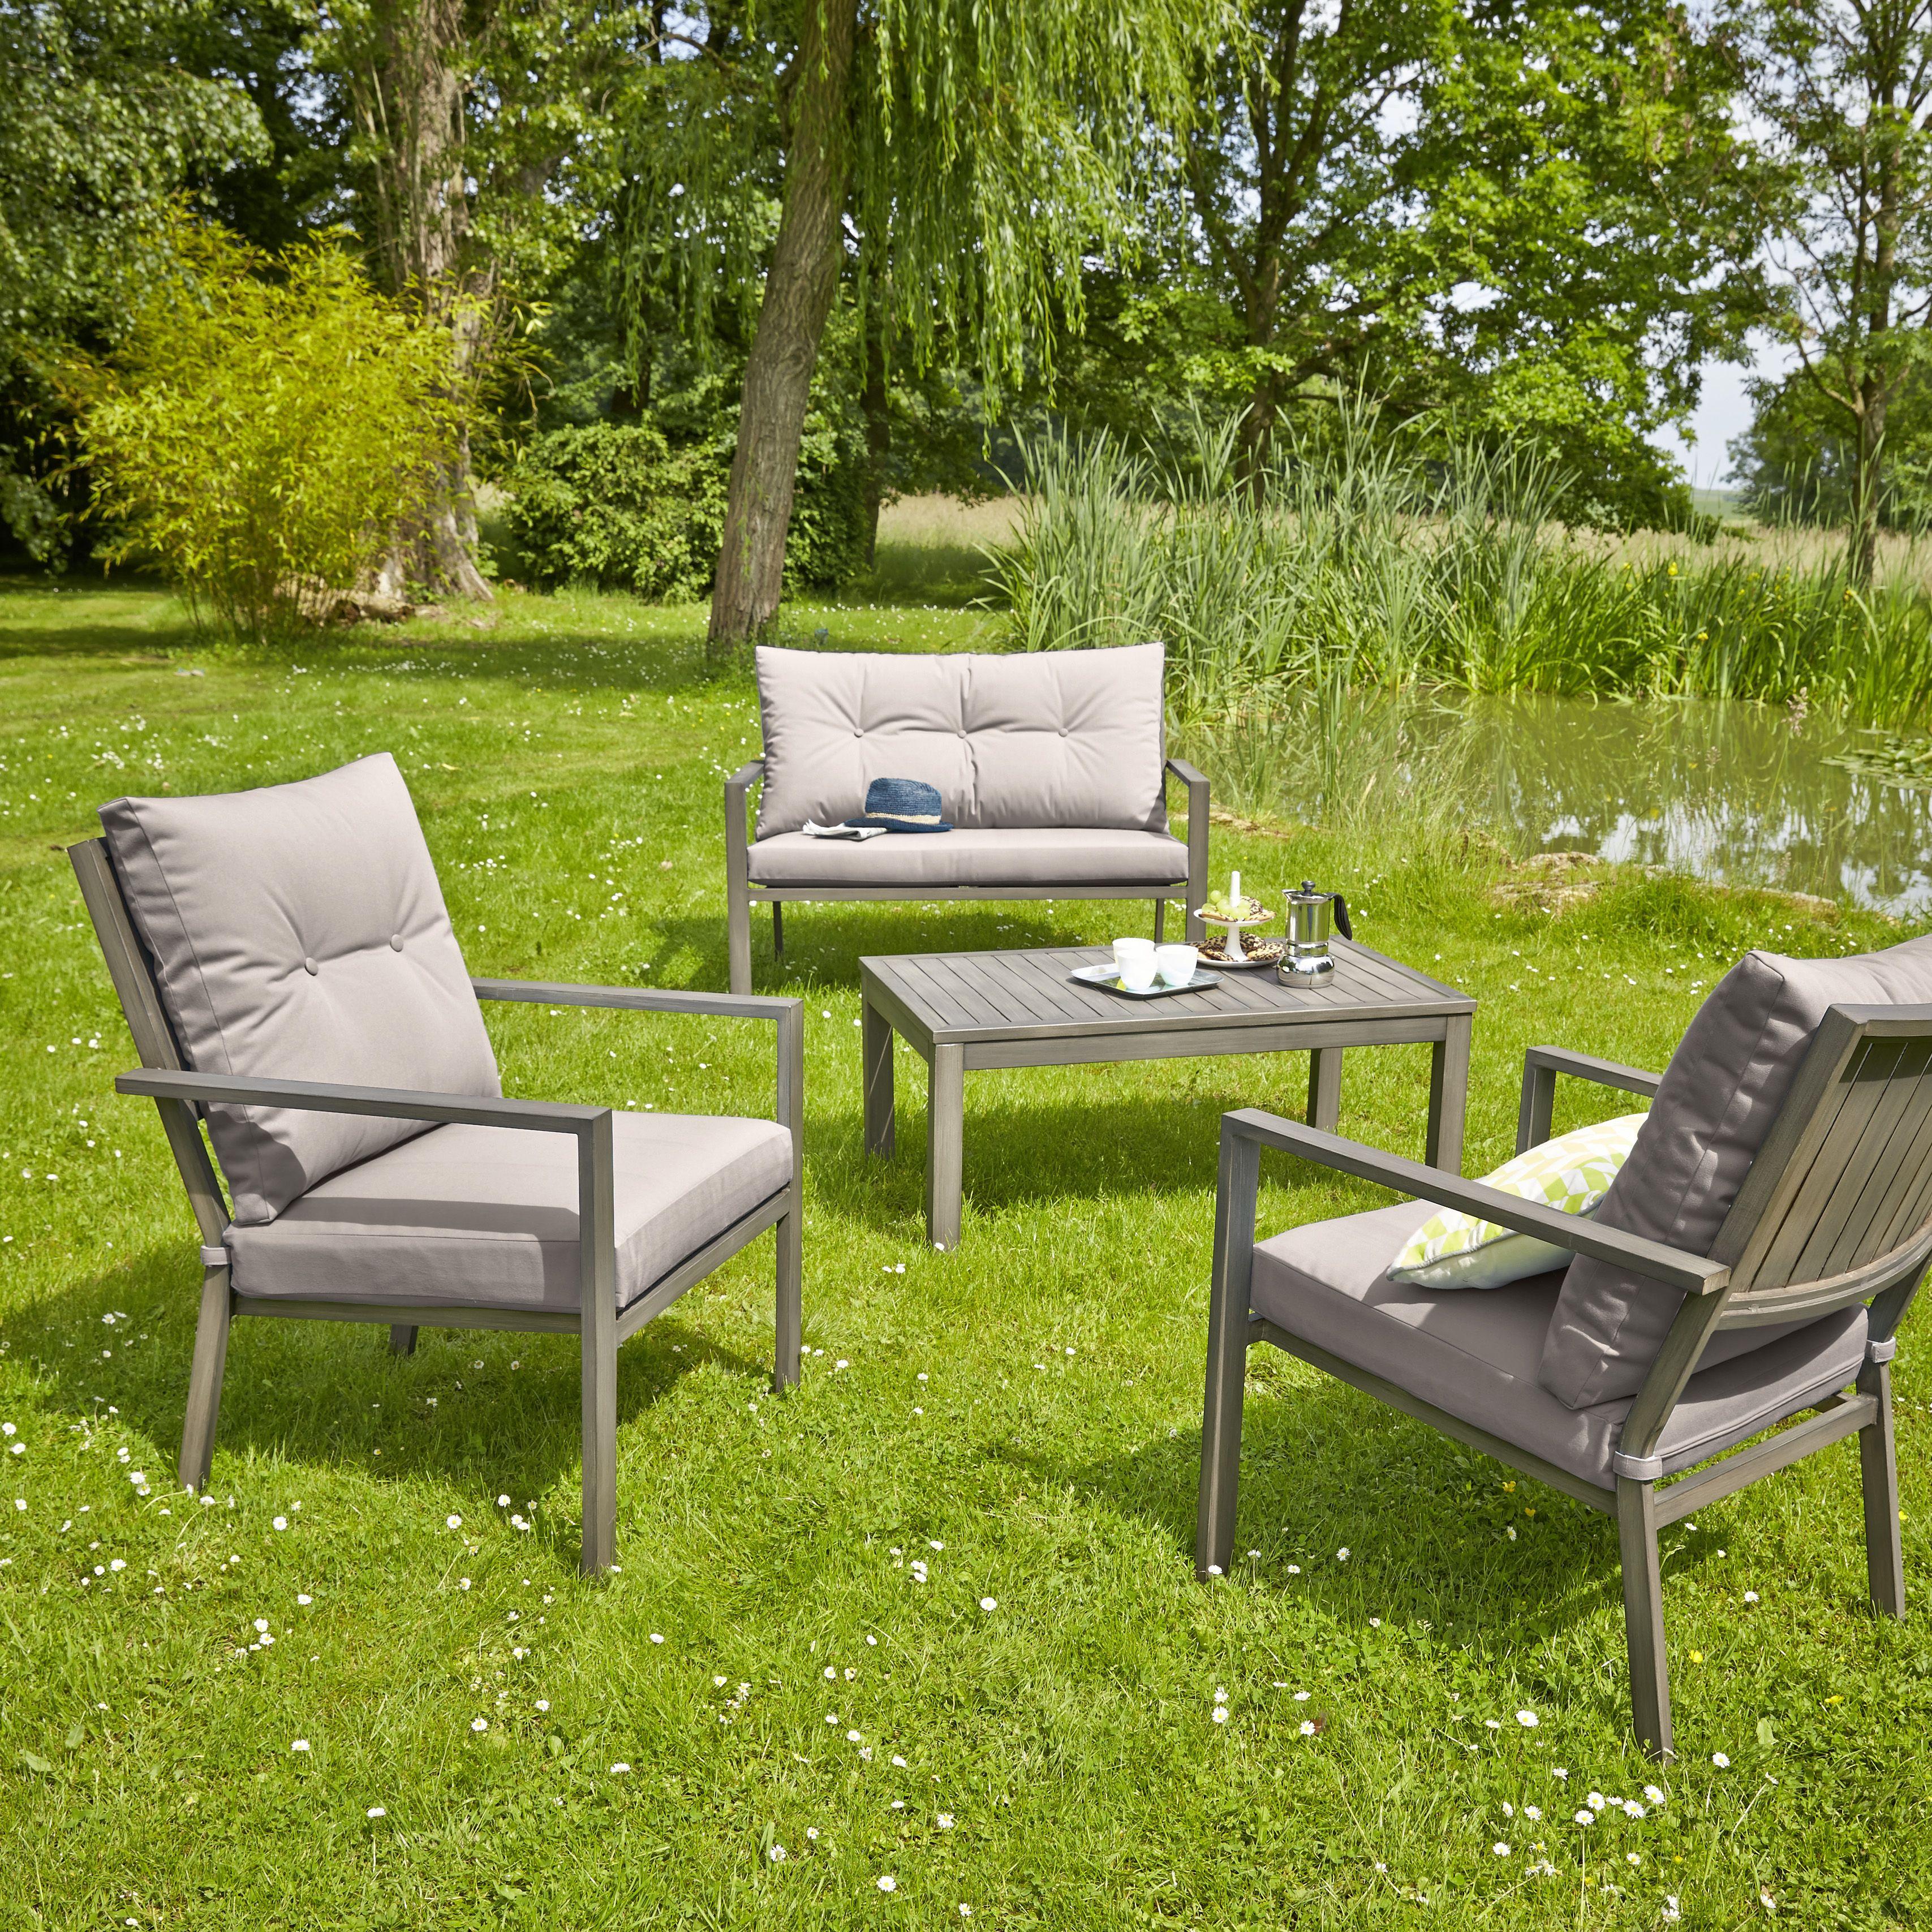 salon d 39 ext rieur 4 pi ces en aluminium 1 canap 2 fauteuils 1 table basse collection. Black Bedroom Furniture Sets. Home Design Ideas